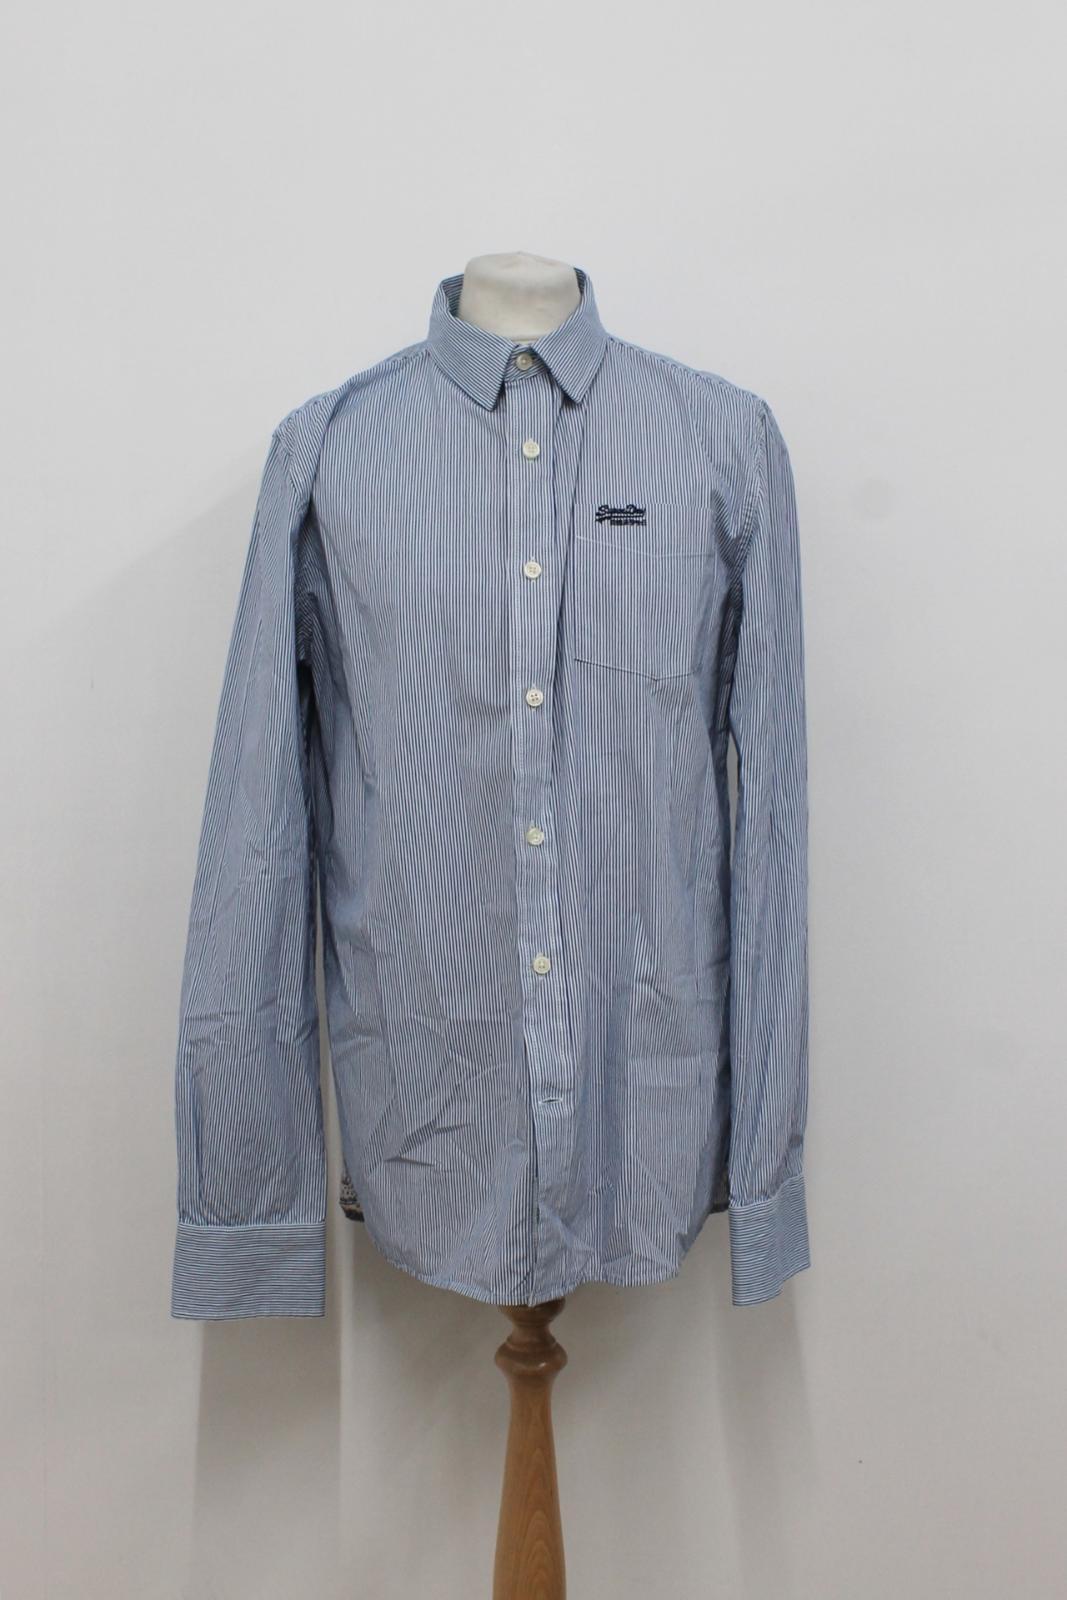 Camiseta-para-Hombre-de-Manga-Larga-Blanco-Azul-a-Rayas-Con-Cuello-Informal-Camisa-Tamano-XXL miniatura 2